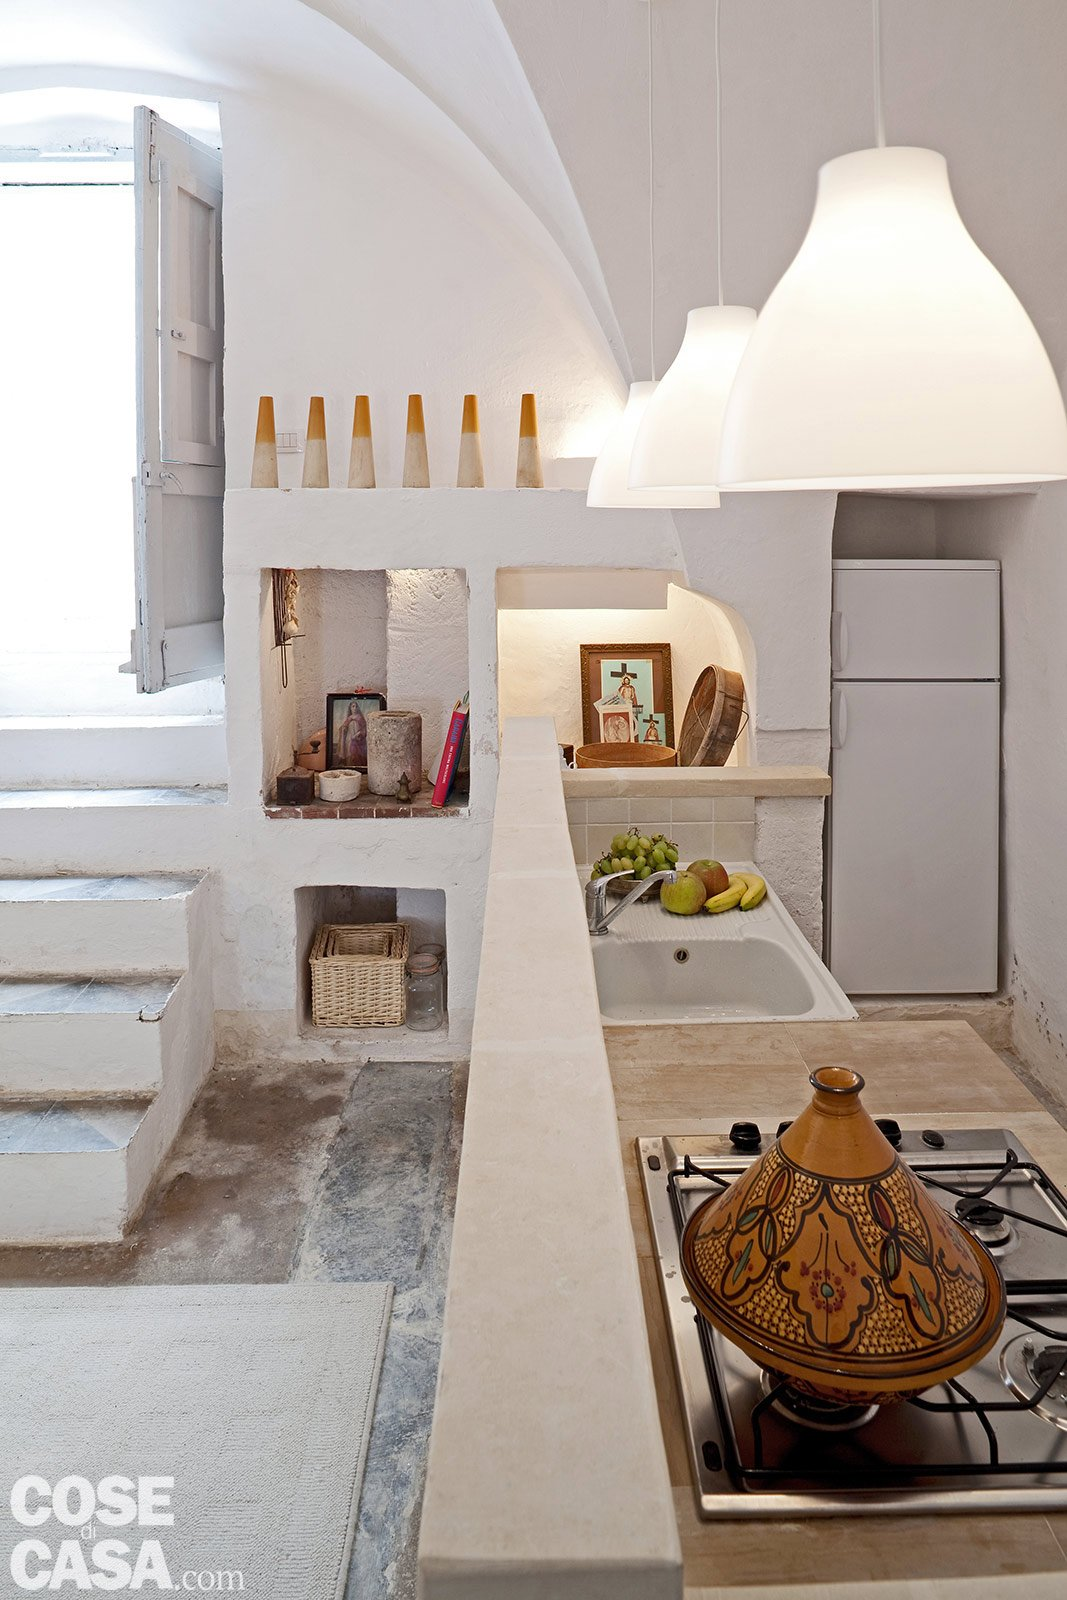 Una casa in pietra in stile mediterraneo cose di casa for Case di stile